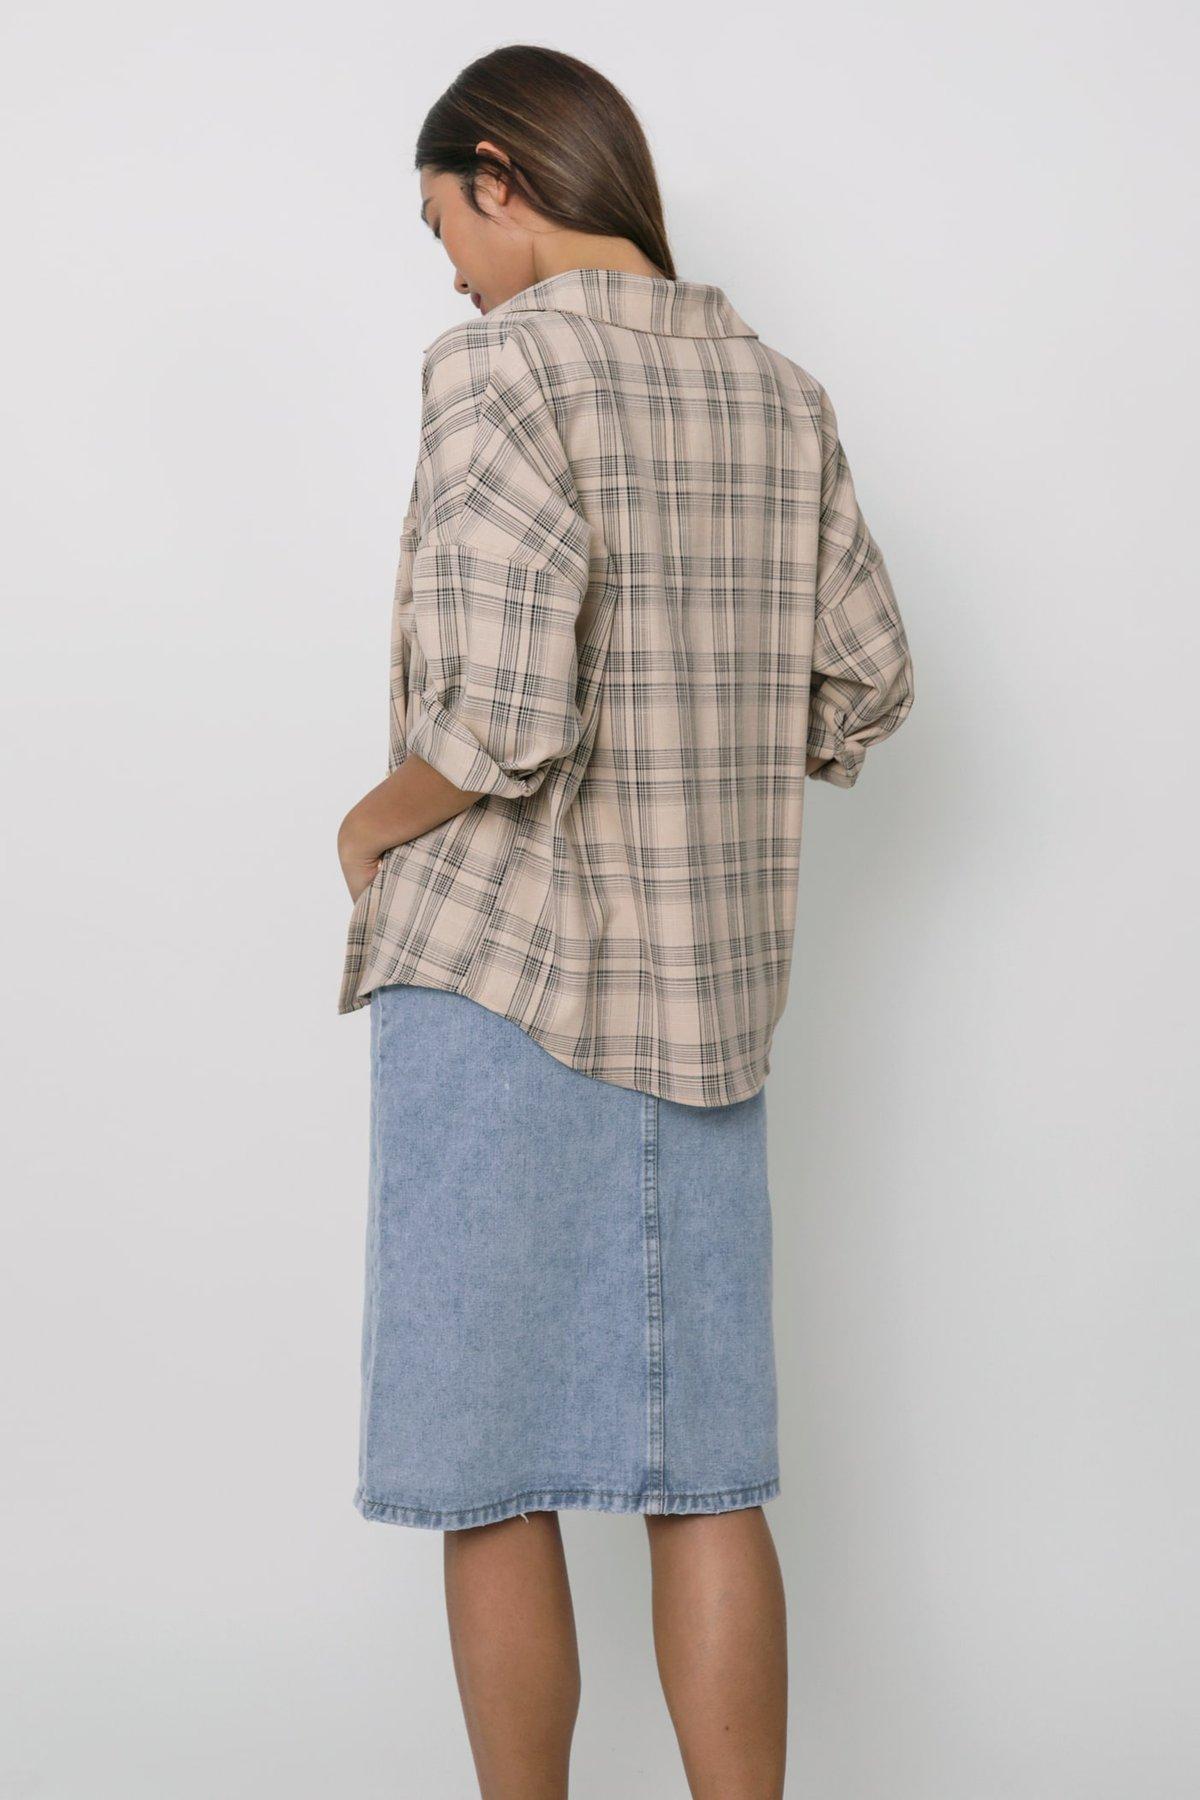 Sanford Boyfriend Shirt (Beige Plaids)